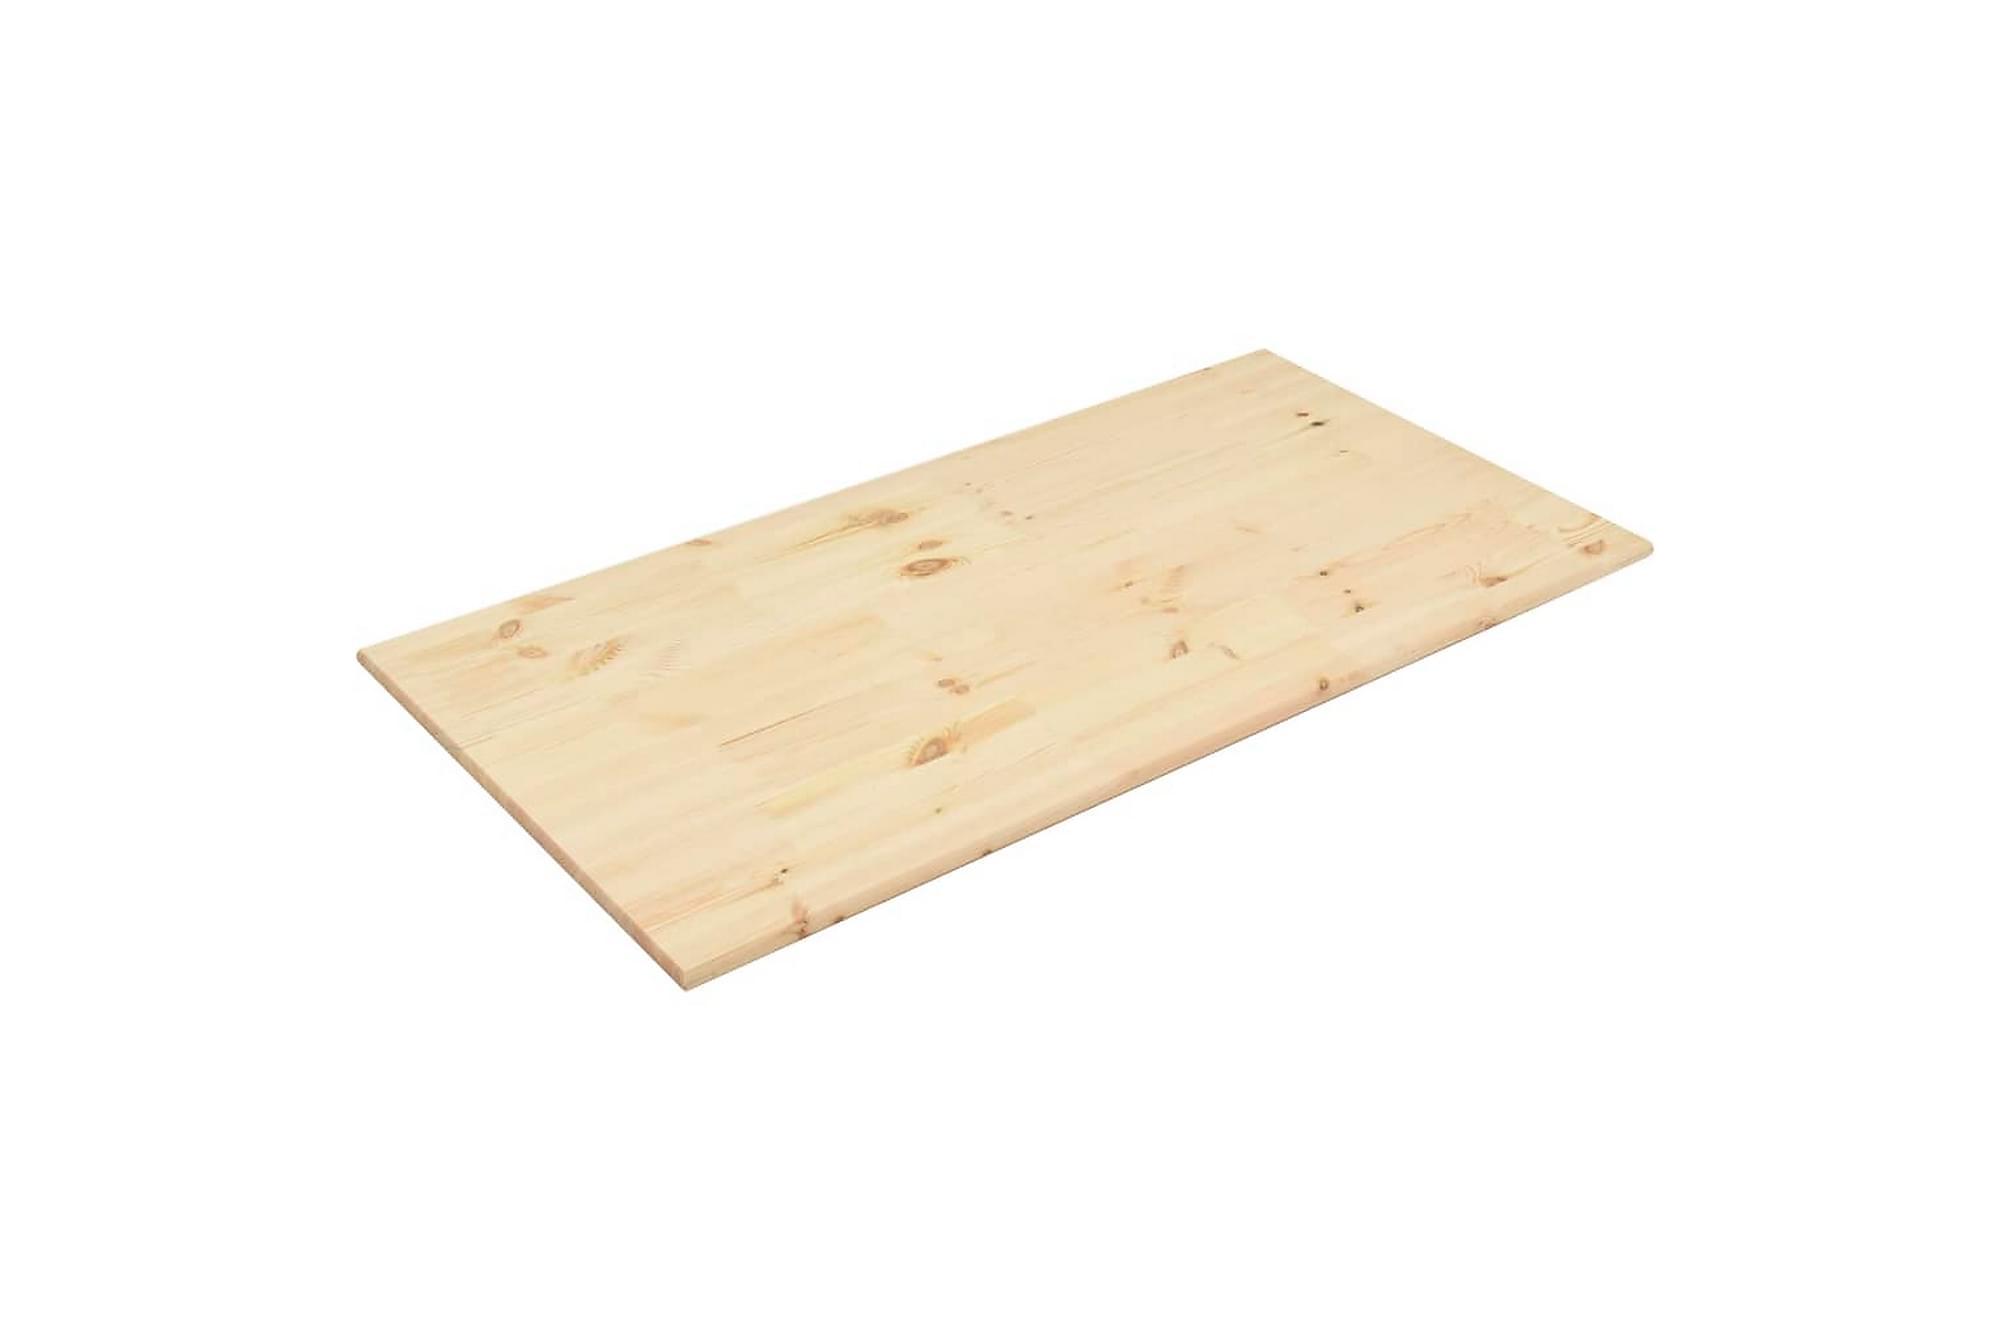 Bordsskiva naturlig furu rektangulär 100x60x2,5 cm, Bordsben & tillbehör